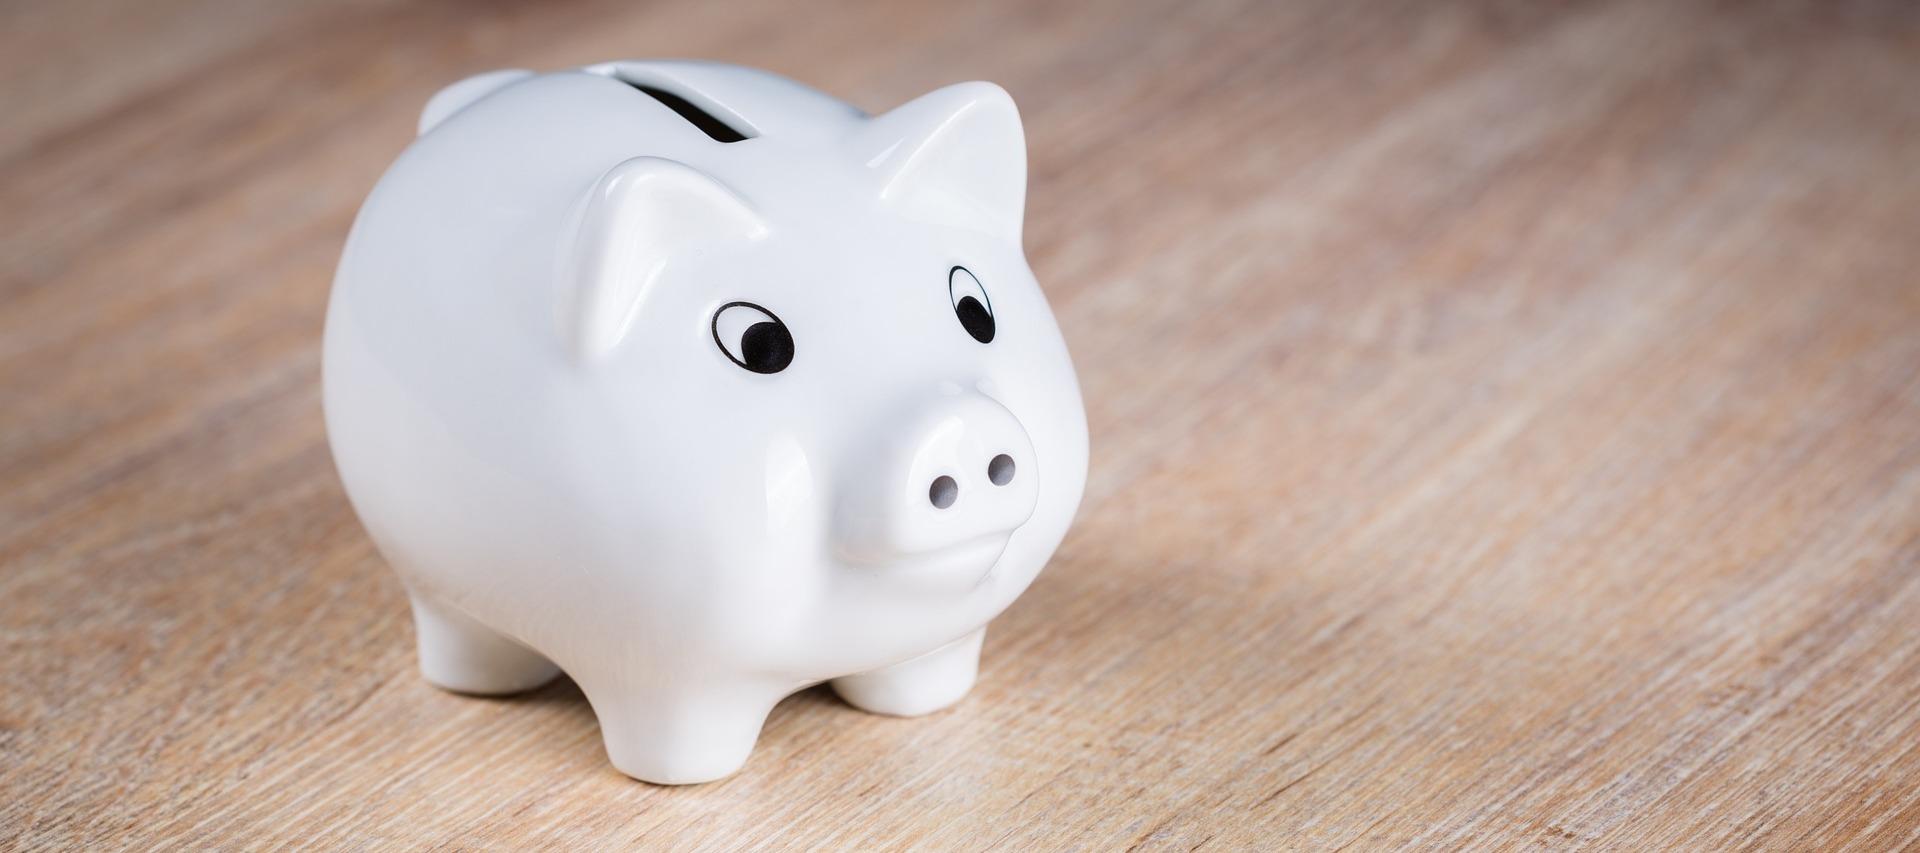 הפינה הכלכלית מאת אריה אקרמן – חסכון לכל ילד